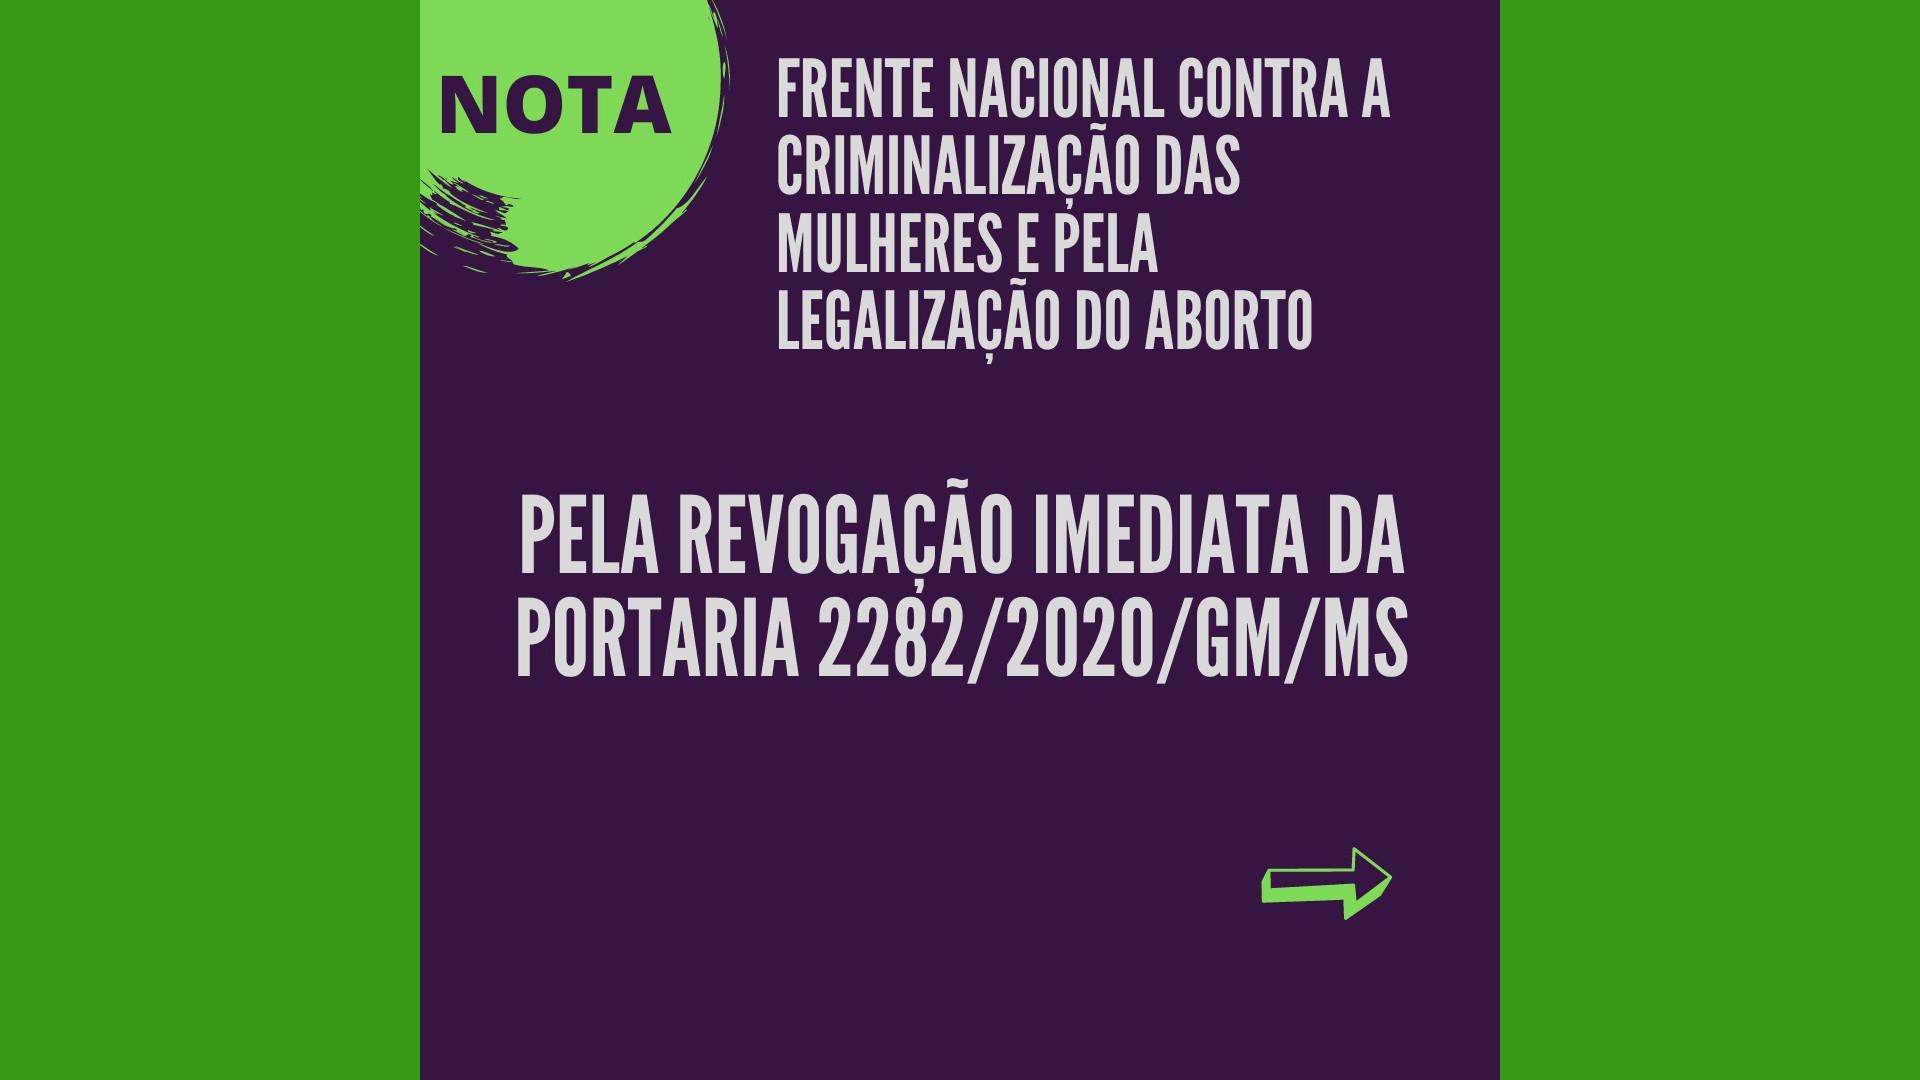 PELA REVOGAÇÃO IMEDIATA DA PORTARIA 2282/2020/GM/MS